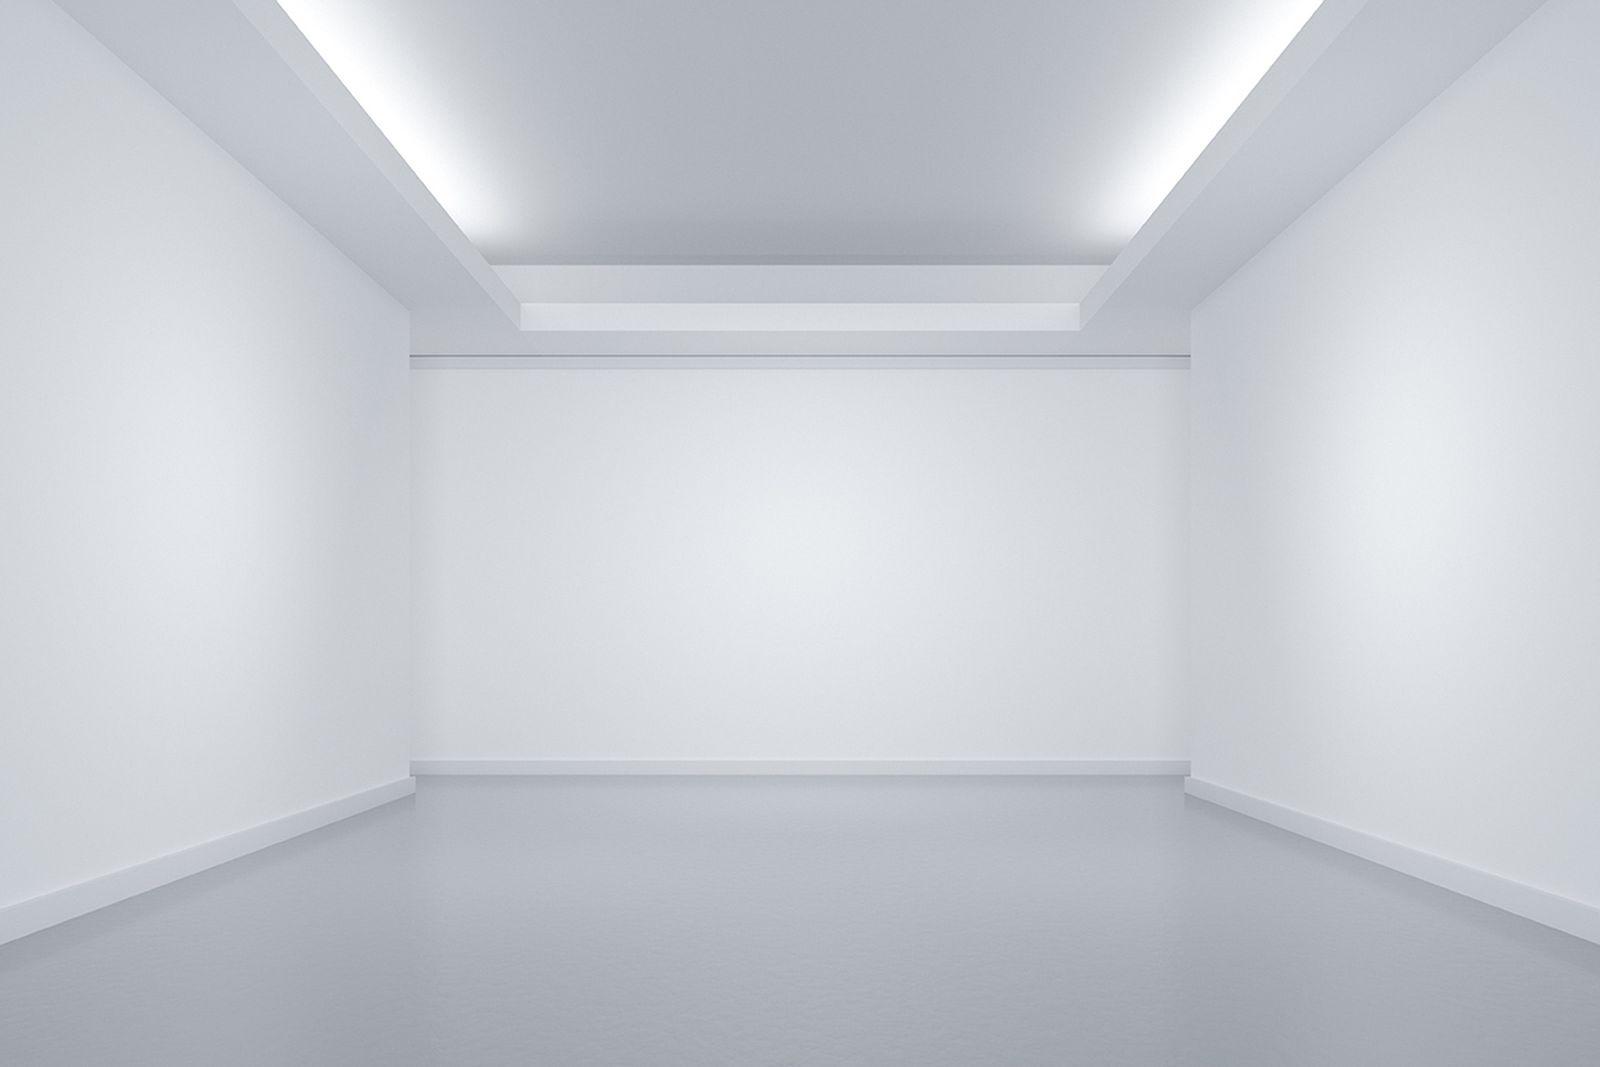 salvatore-garau-invisible-sculpture-sale-gallery-main